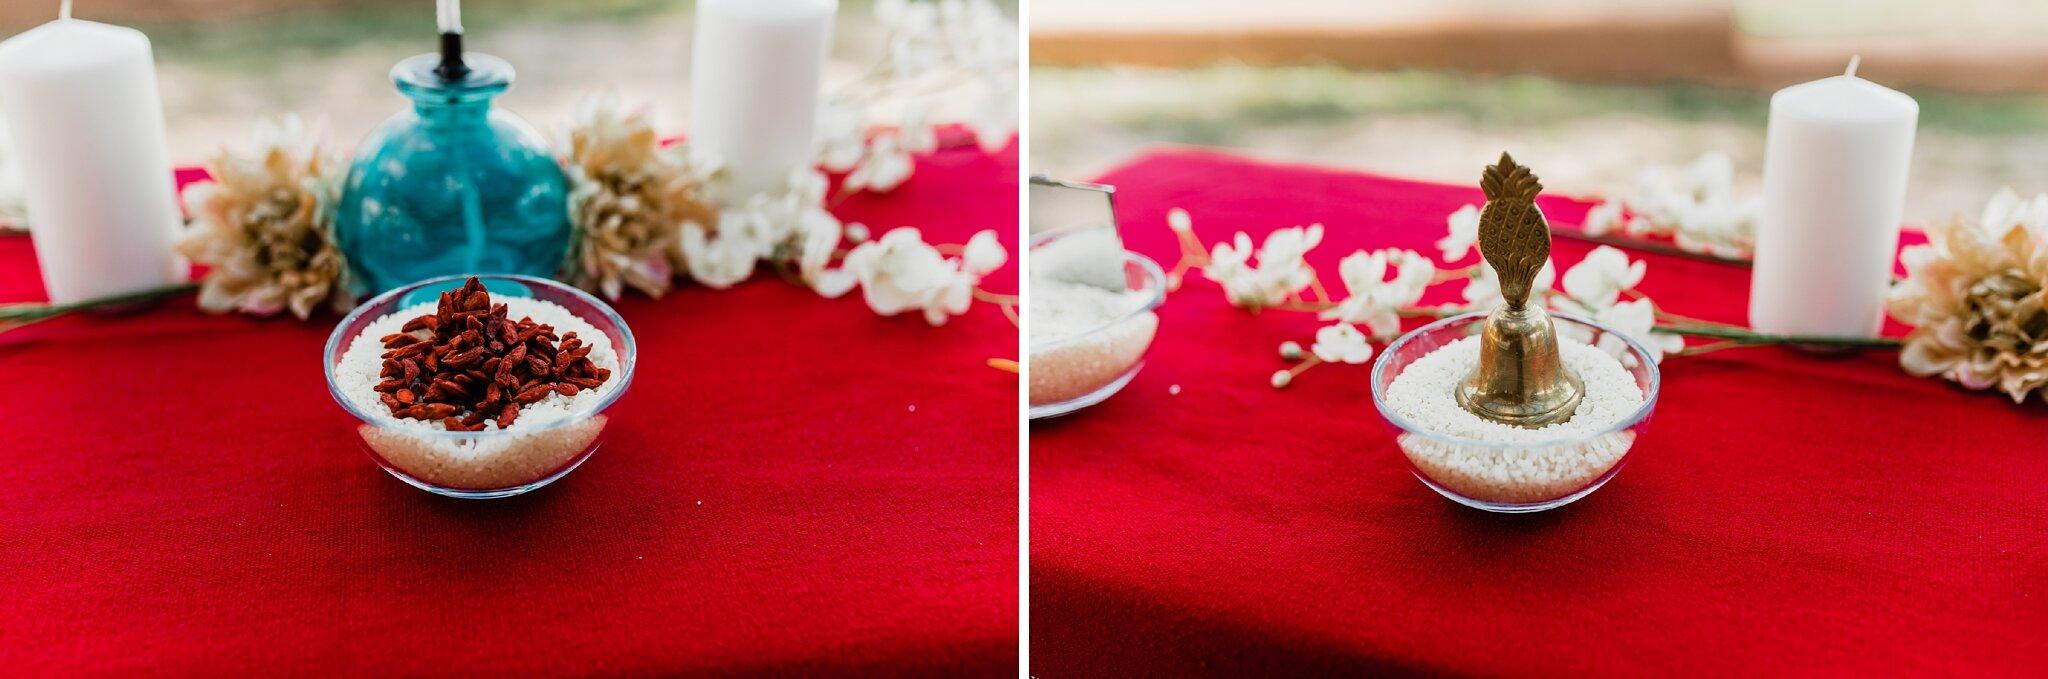 Alicia+lucia+photography+-+albuquerque+wedding+photographer+-+santa+fe+wedding+photography+-+new+mexico+wedding+photographer+-+new+mexico+wedding+-+wedding+-+santa+fe+wedding+-+ghost+ranch+-+ghost+ranch+wedding+-+fall+wedding_0026.jpg